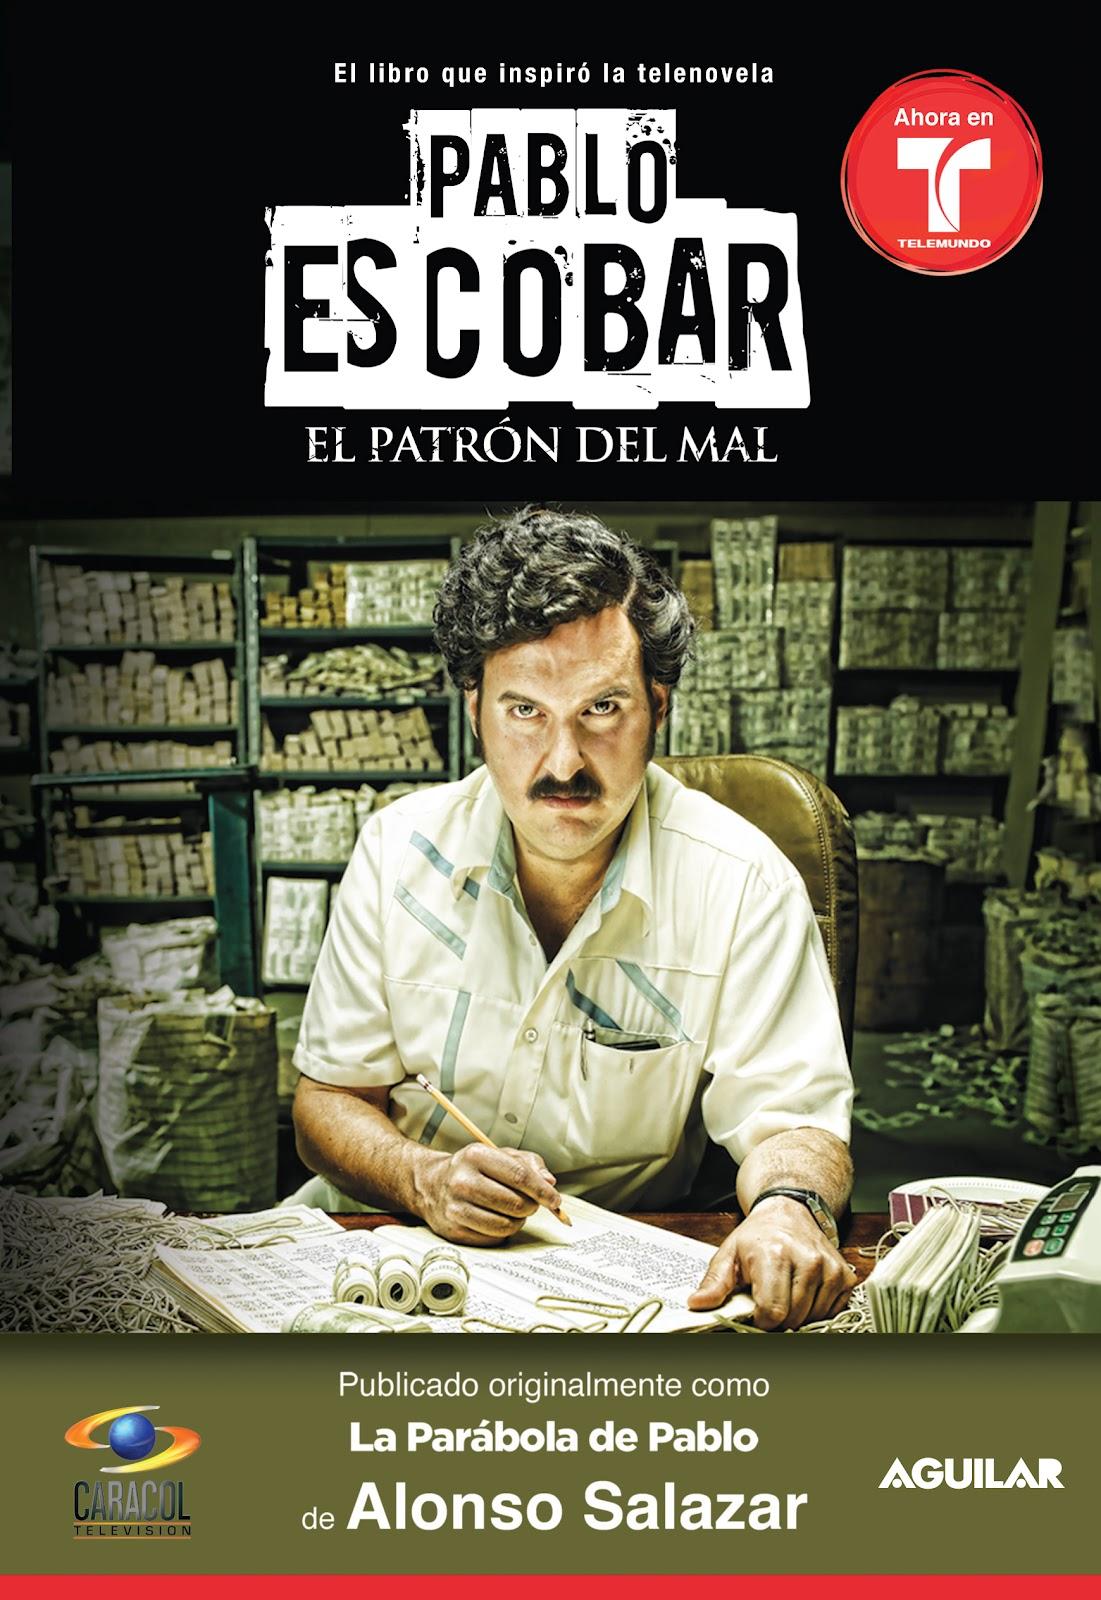 Llega el libro sobre Pablo Escobar a Estados Unidos